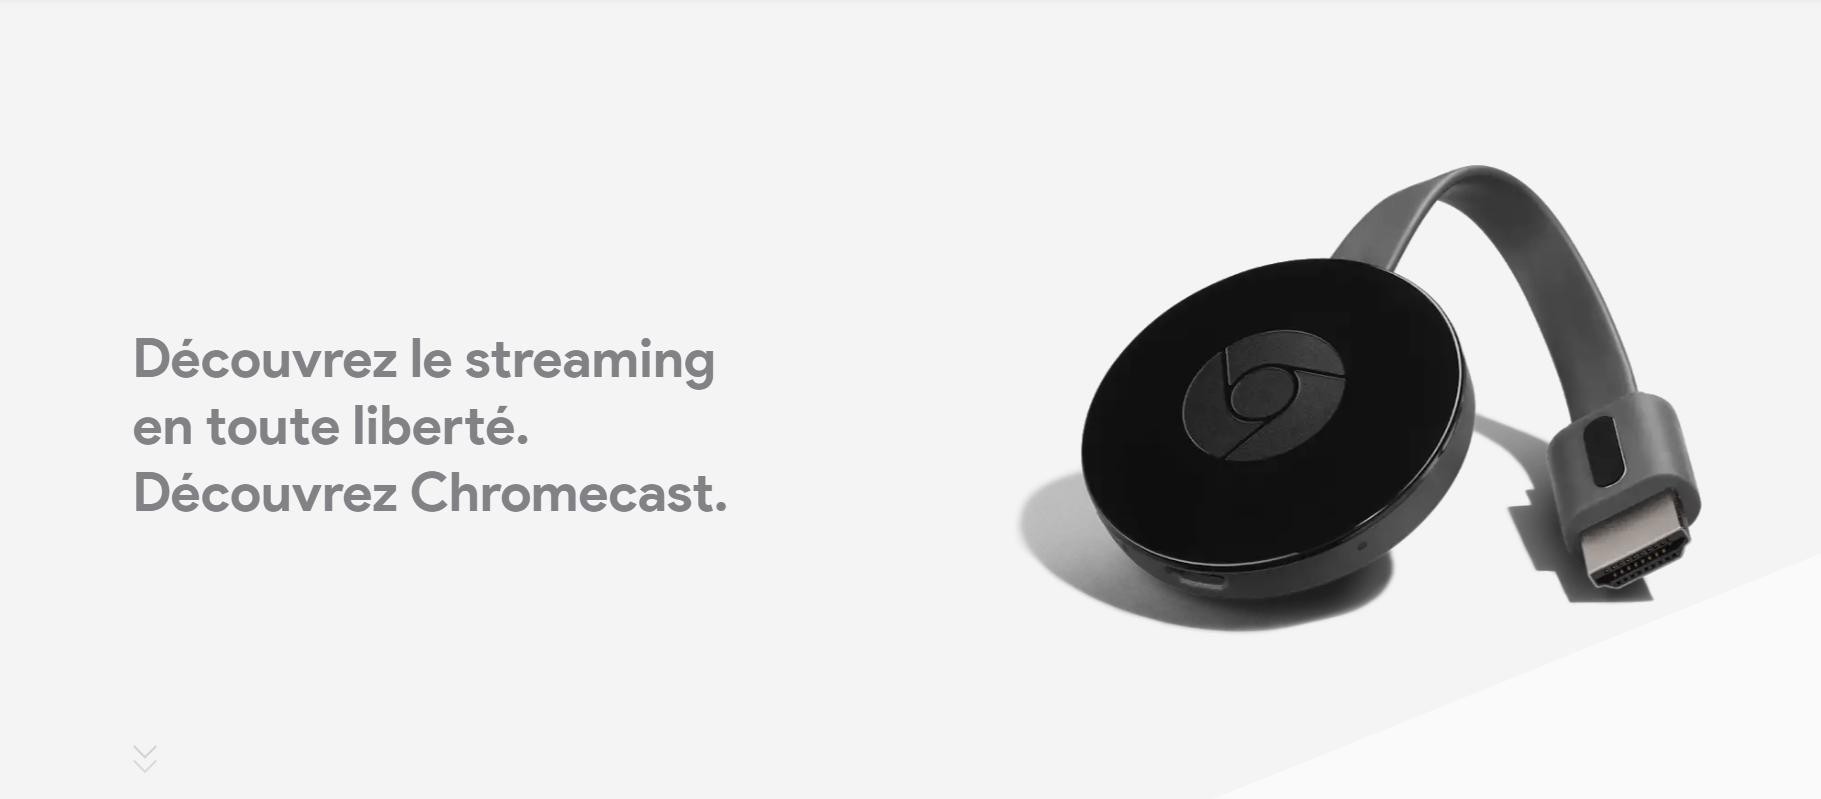 Acheter Chromecast Comment convertir n'importe quel TV en smart TV – 4 façons simples